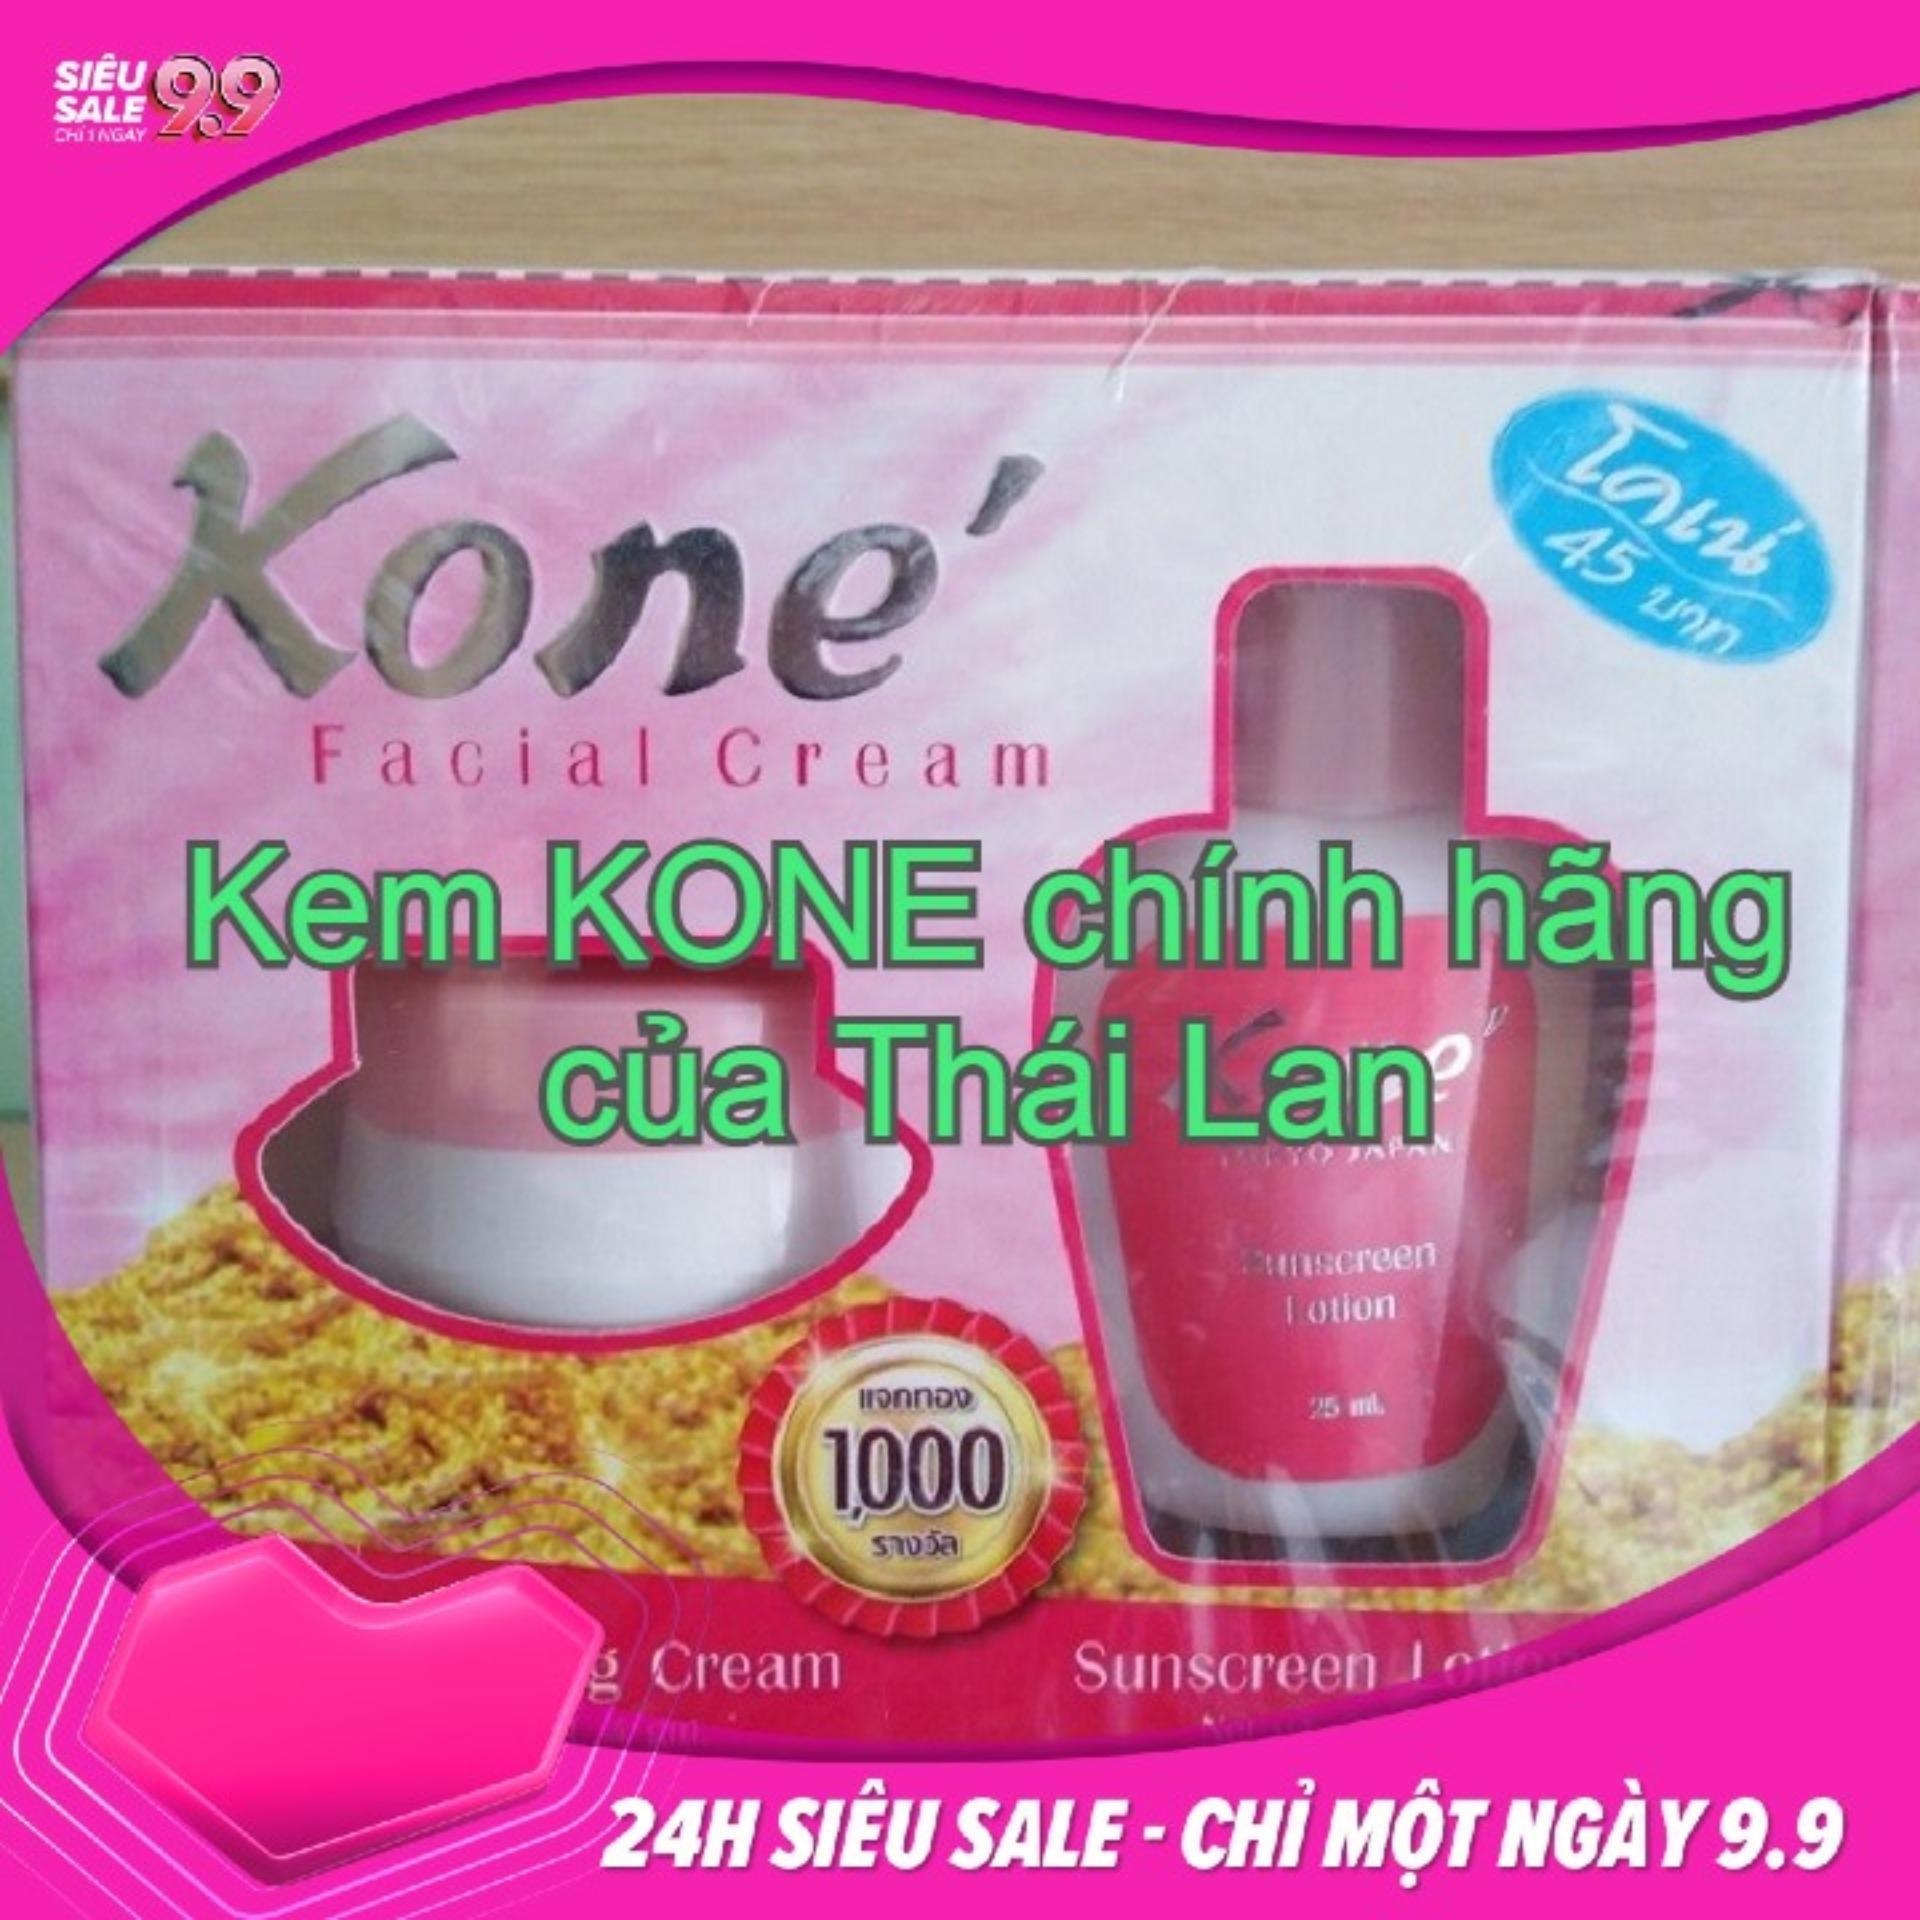 Bộ kem Kone giảm nám, tàn nhan, mụn của Thái